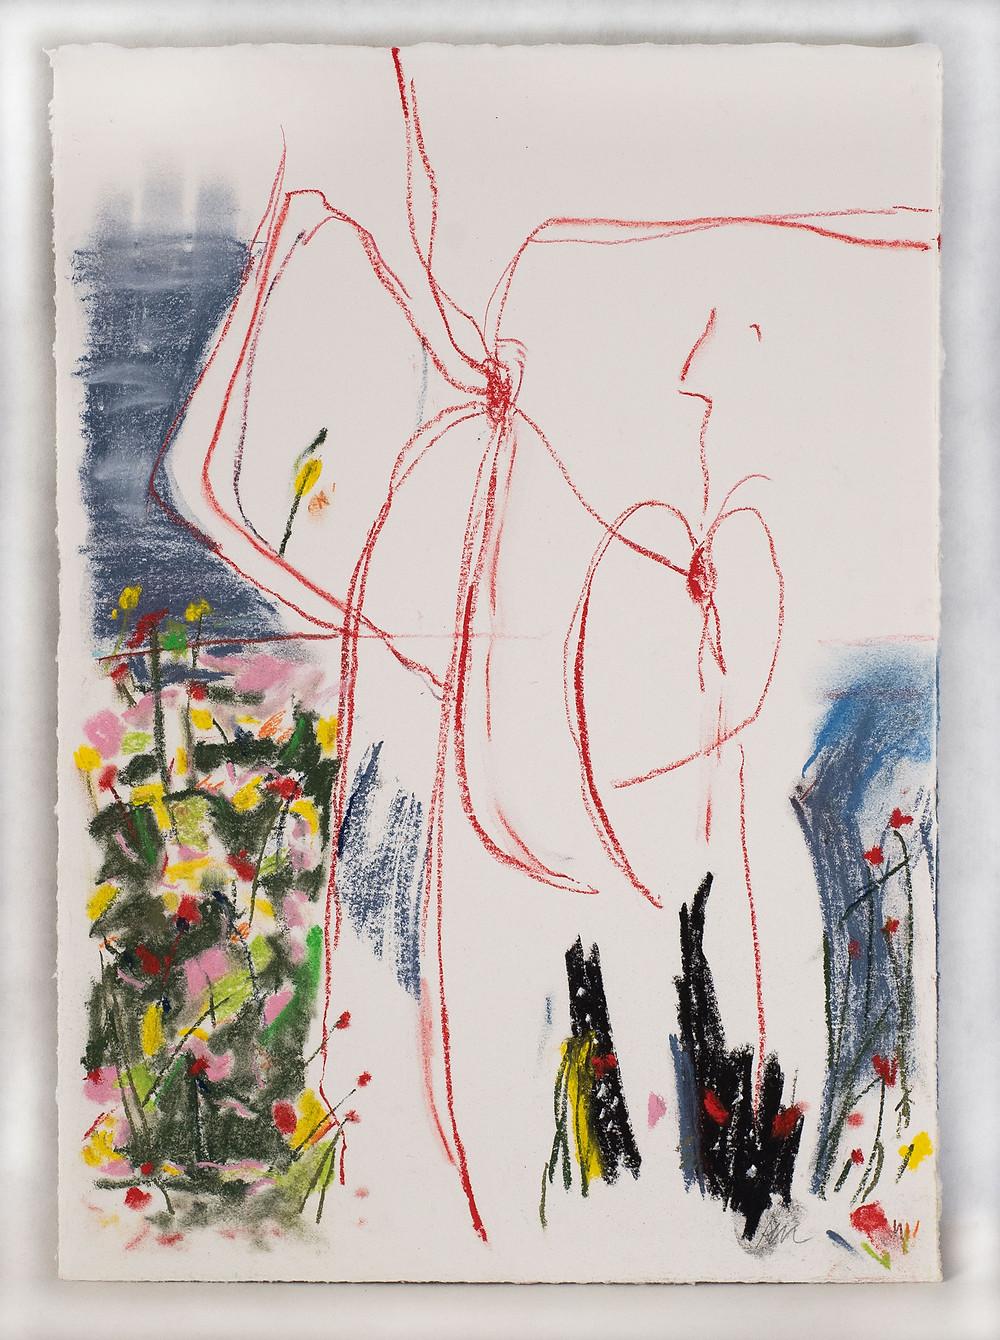 pastel on paper, 35cm x 25cm (13.78 in. x 9.84 in.)